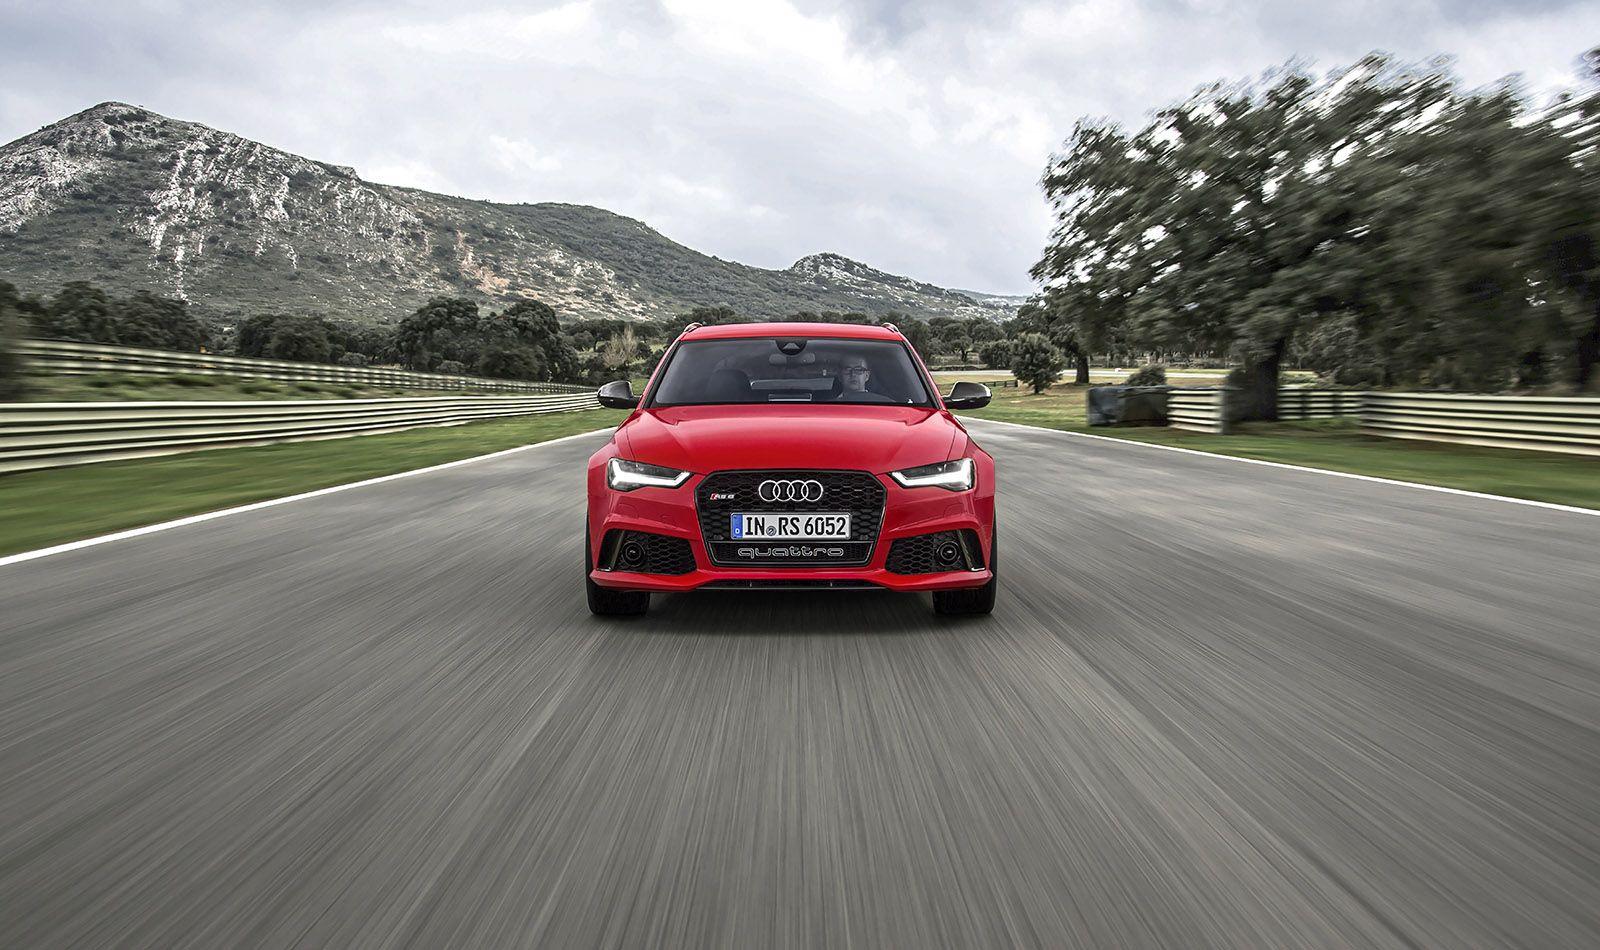 Audi RS6 Avant rot frontal von vorne fahrend Fluchtperspektive